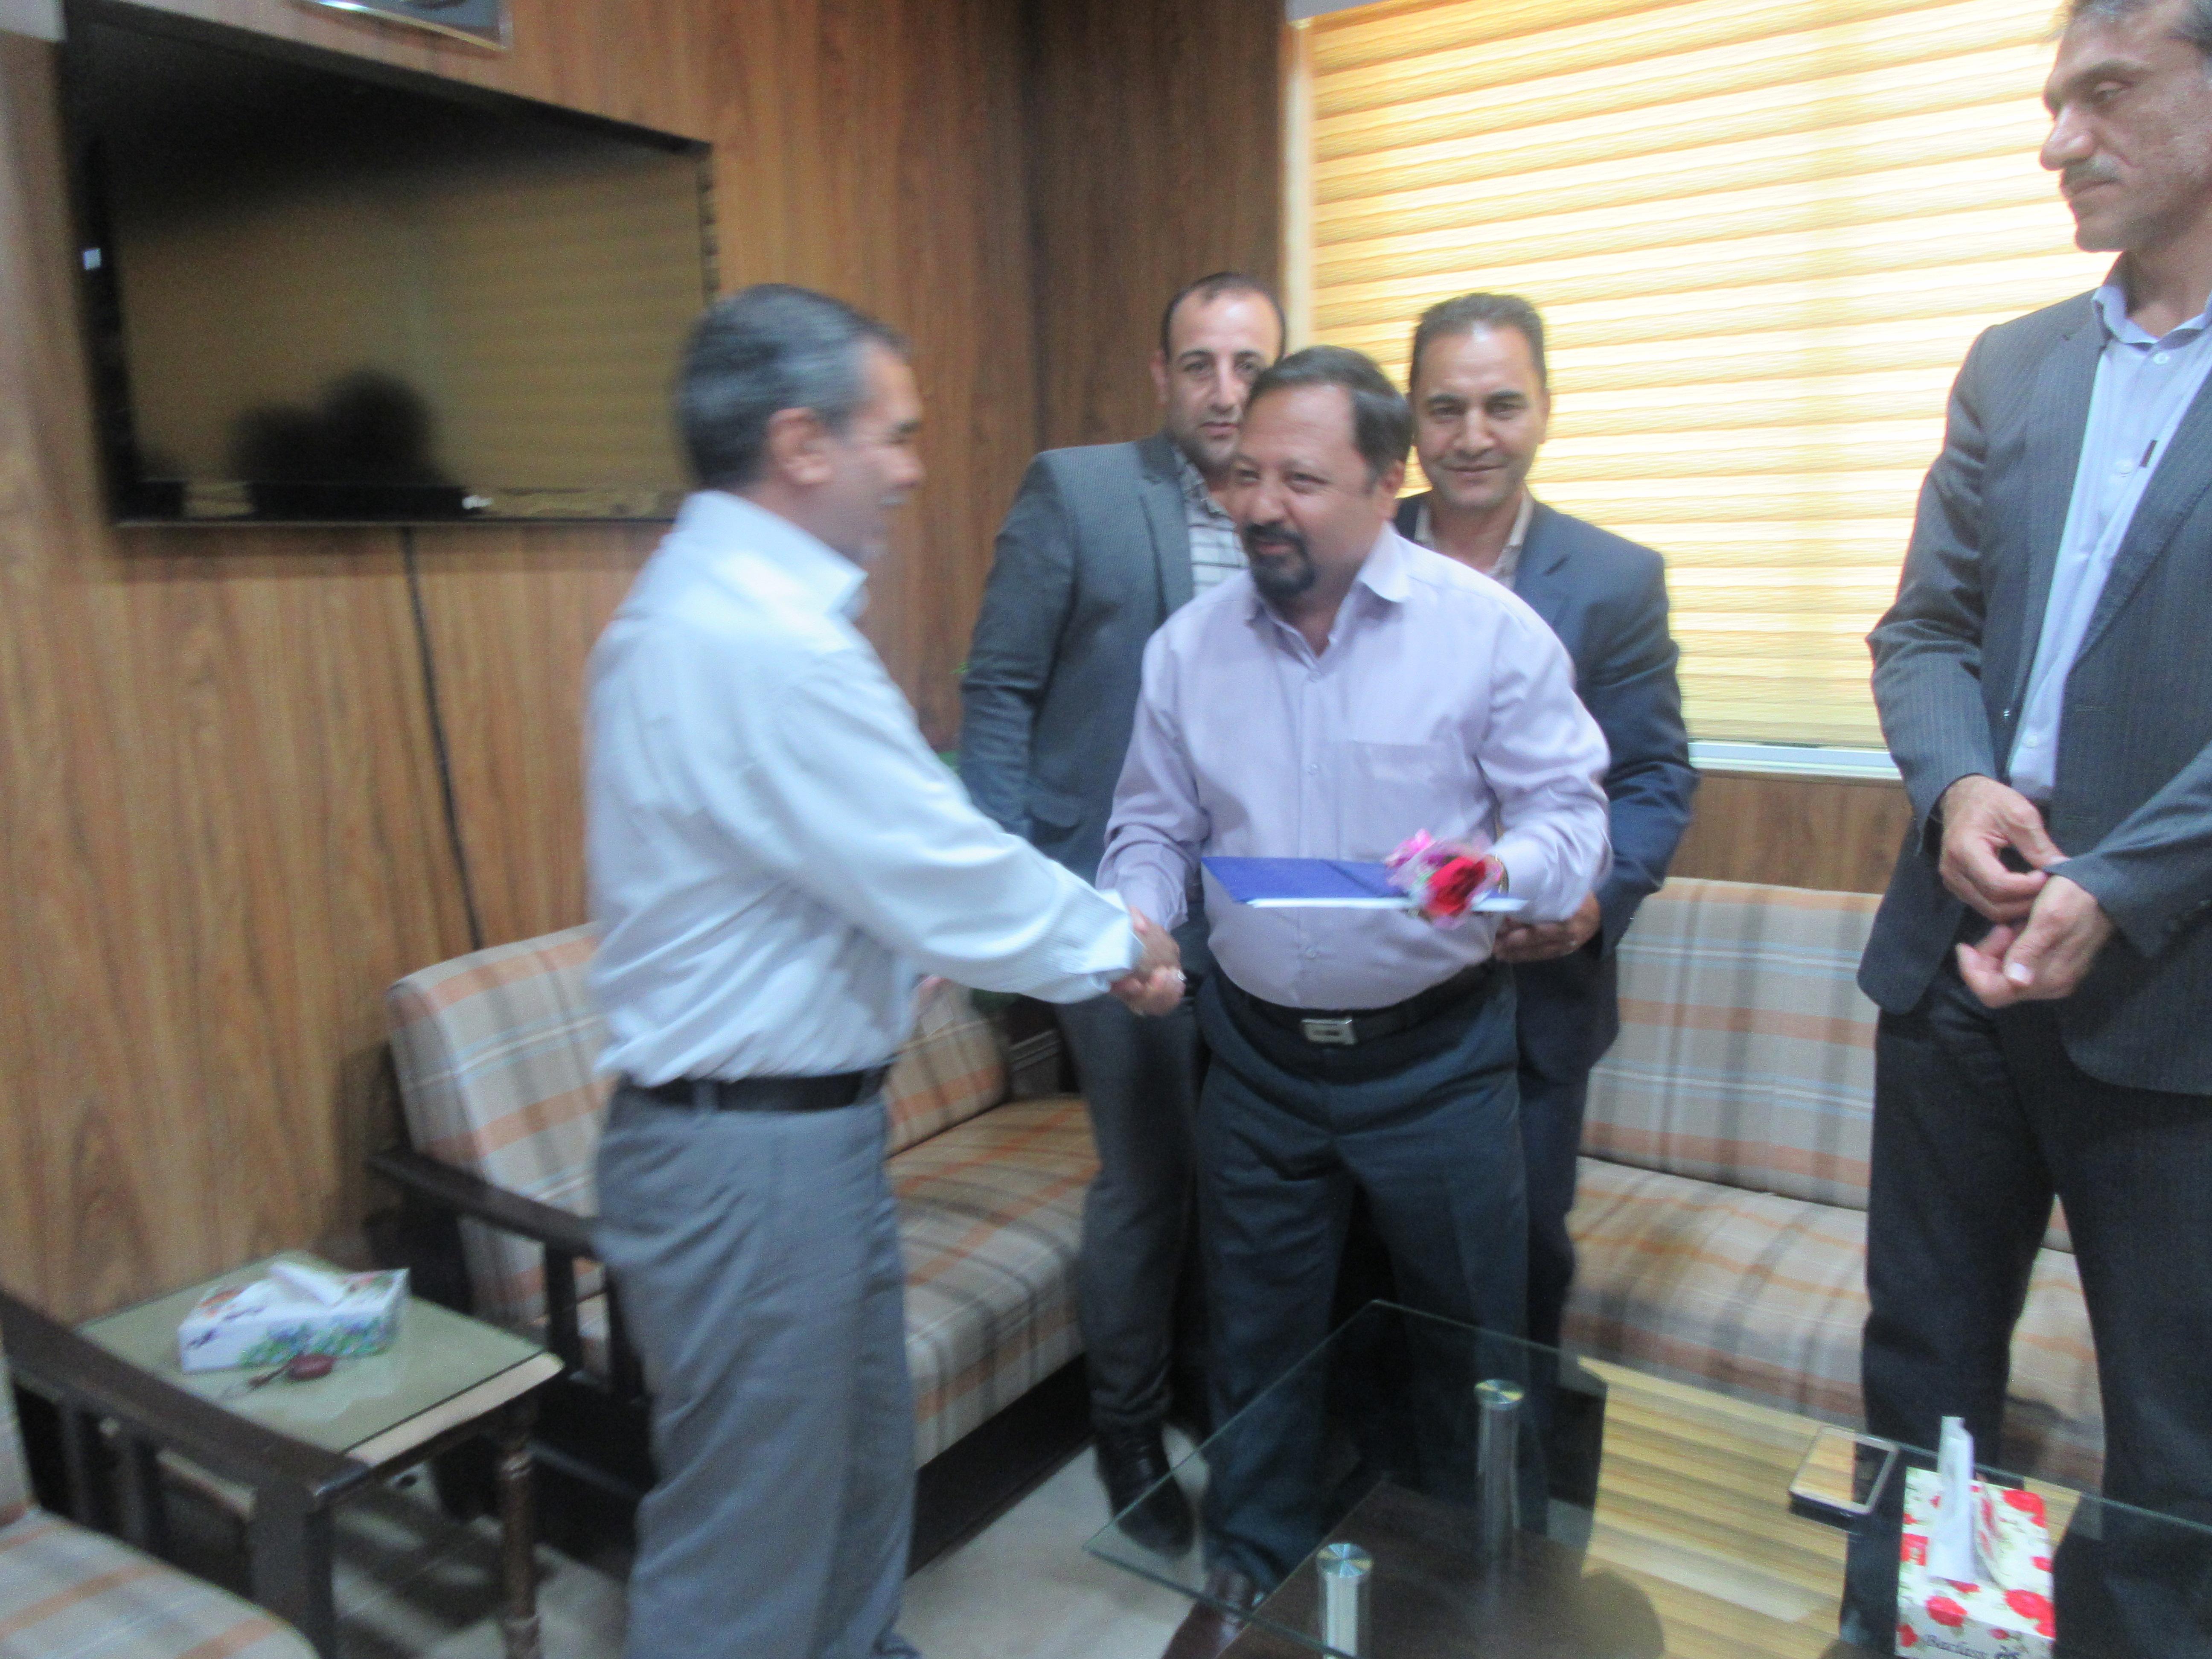 در حضور سرپرست فرمانداری شهرستان خواف تفاهم نامه ساخت آموزشگاه ۳ کلاسه در شهر سنگان توسط خیر به امضاء رسید.